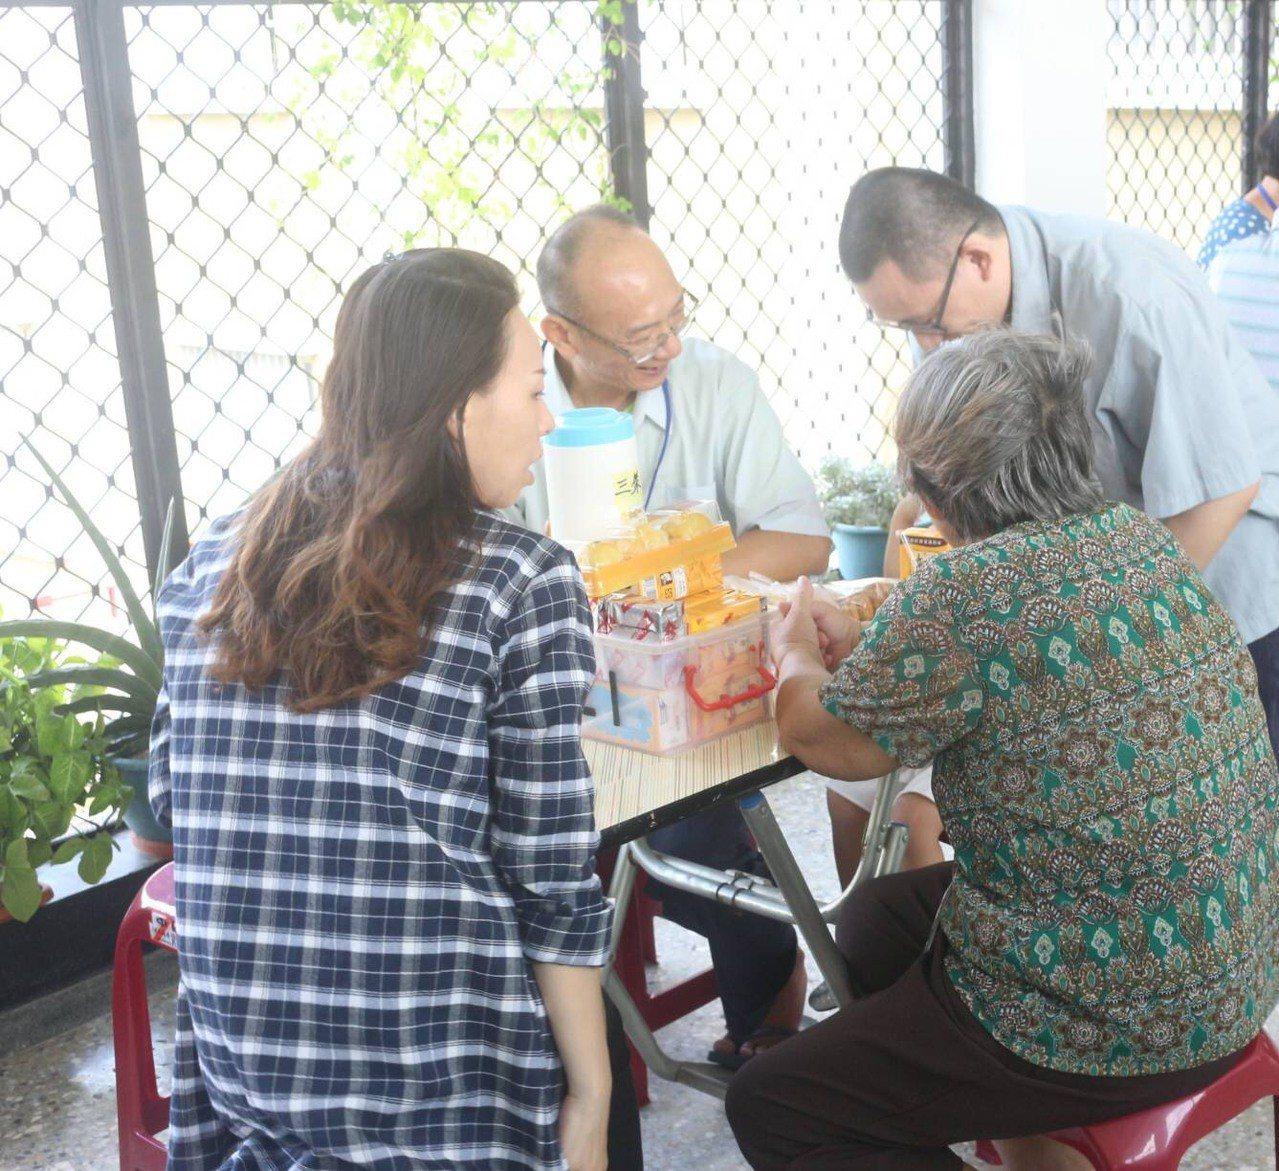 謝志宏(左)與家屬會見。記者綦守鈺/翻攝